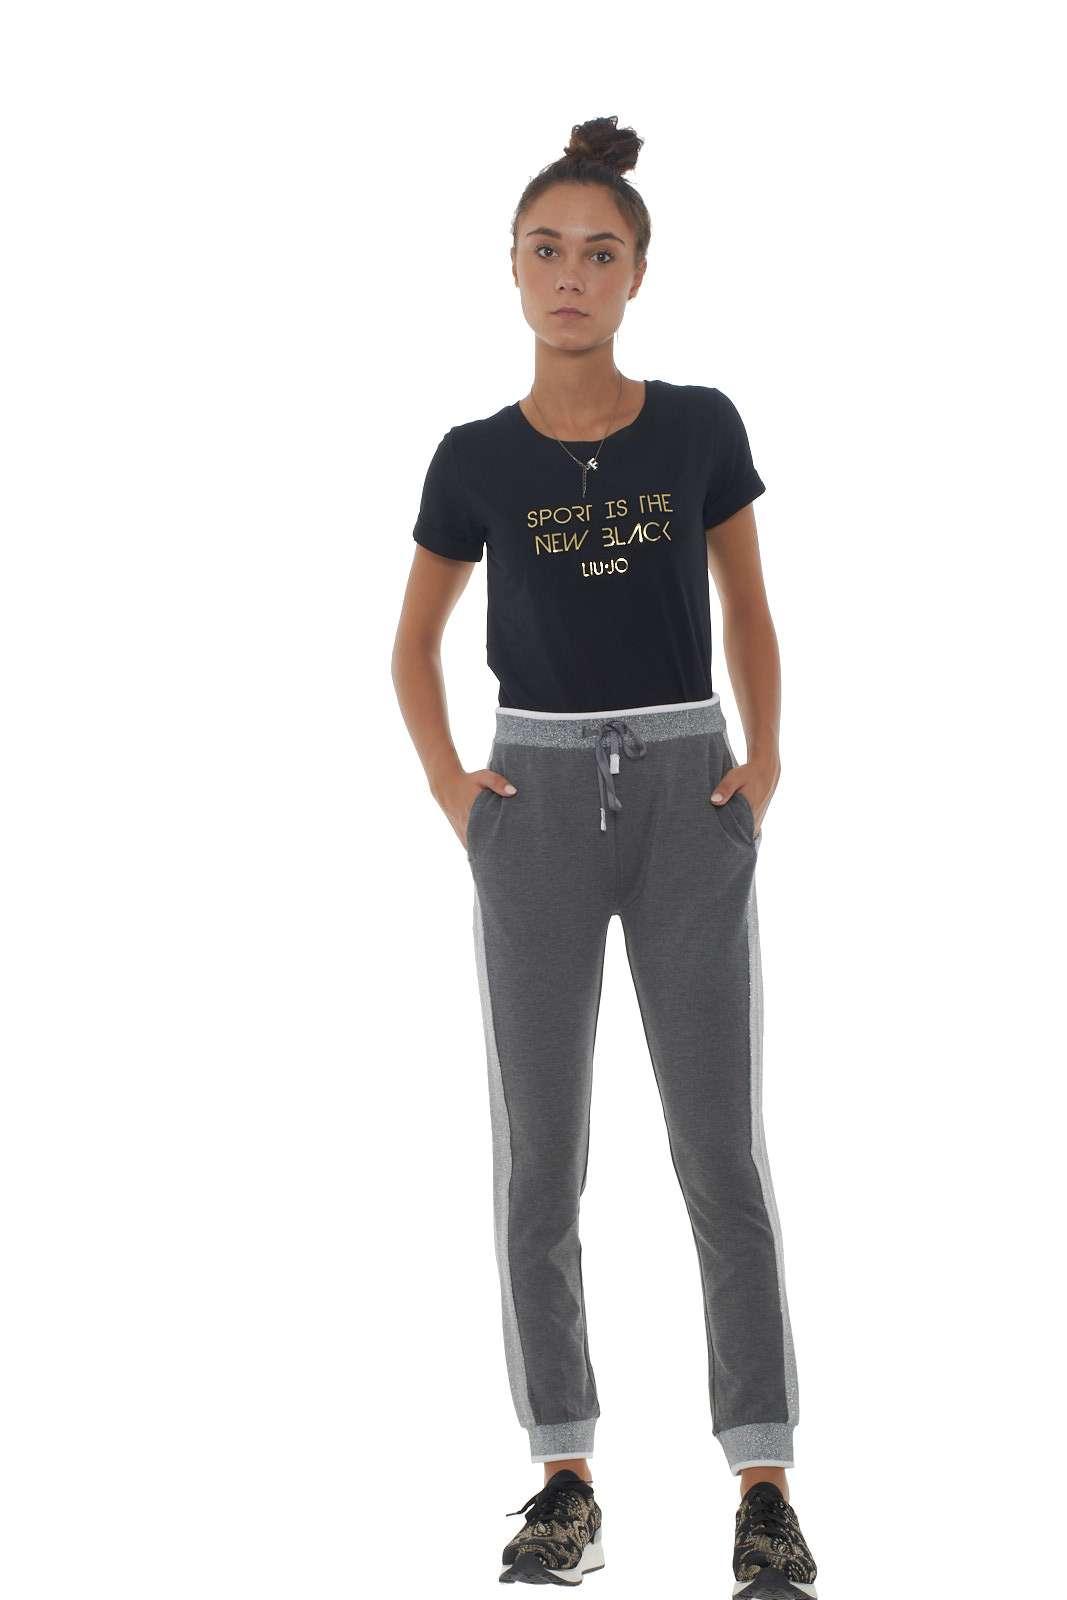 https://www.parmax.com/media/catalog/product/a/i/AI-outlet_parmax-t-shirt-donna-Liu-Jo-T69041%20J0088-D_1.jpg